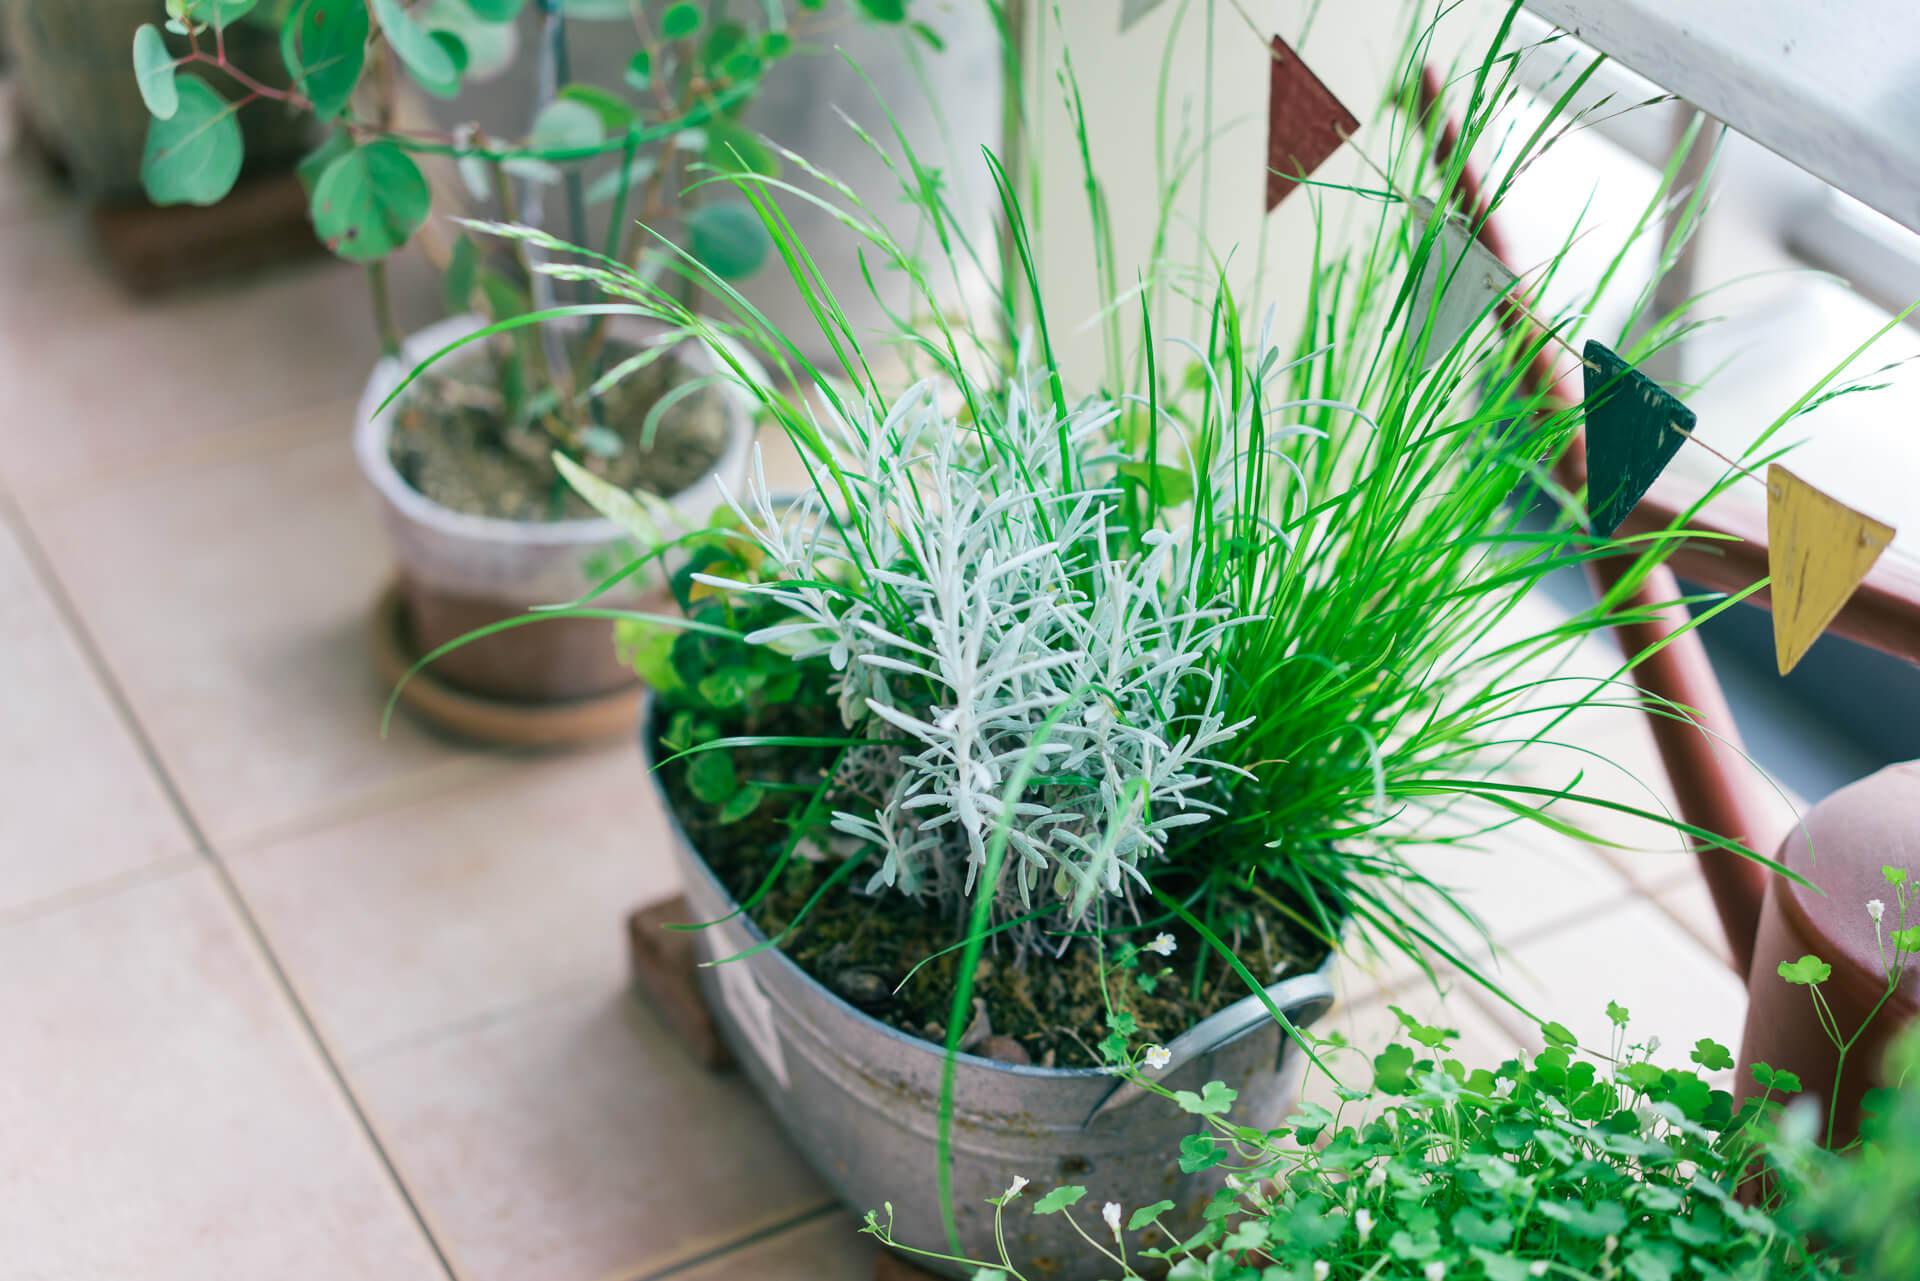 冬もさみしくならないように、1年中グリーンでいてくれるものが好き。ホームセンターで買ってきた植物で作った寄せ植えも素敵です。